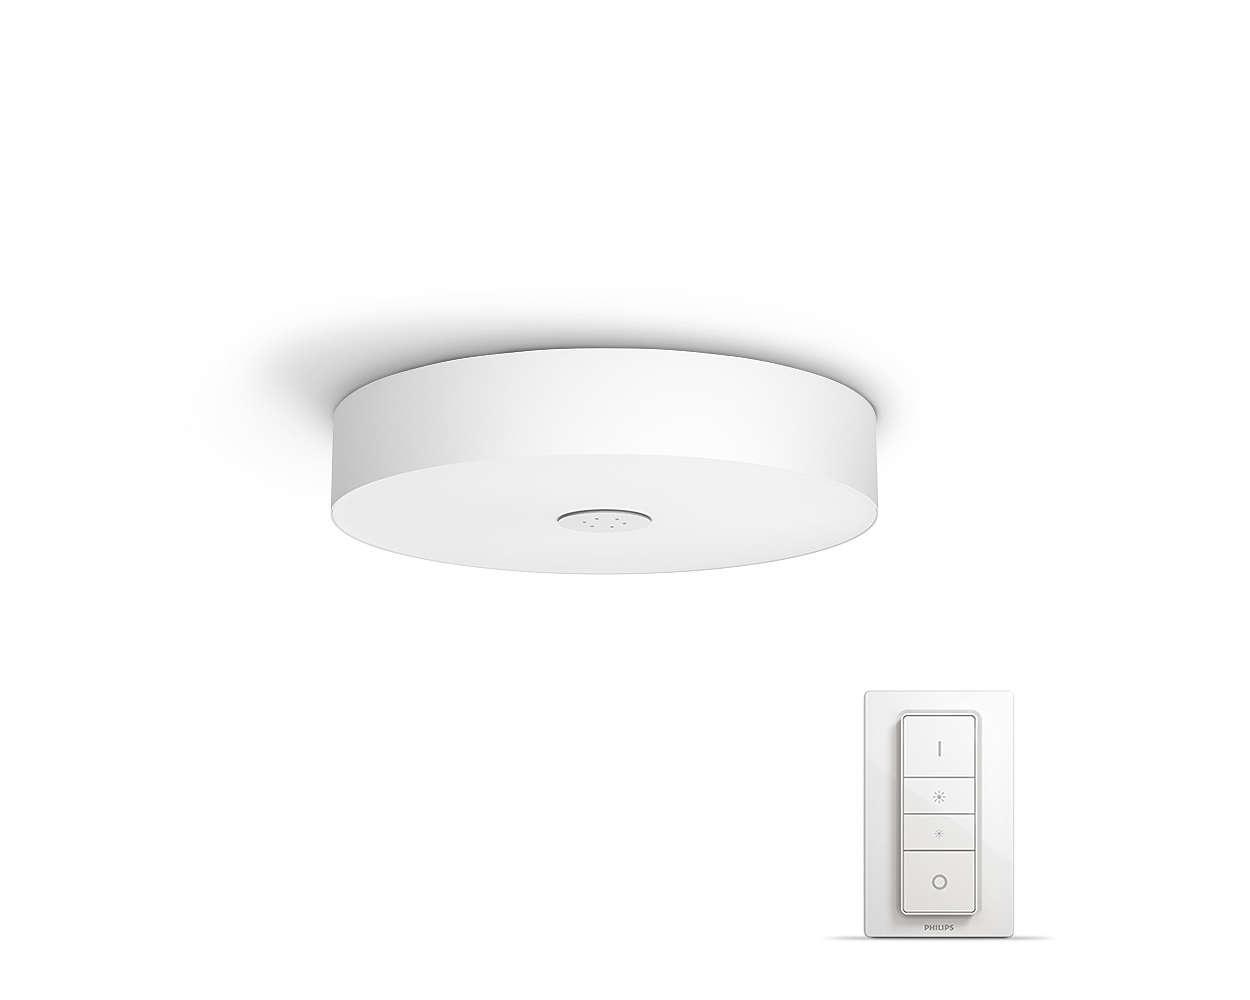 PHILIPS Fair Stropní svítidlo, Hue White ambiance, 230V, 1x39W integ.LED, Bílá